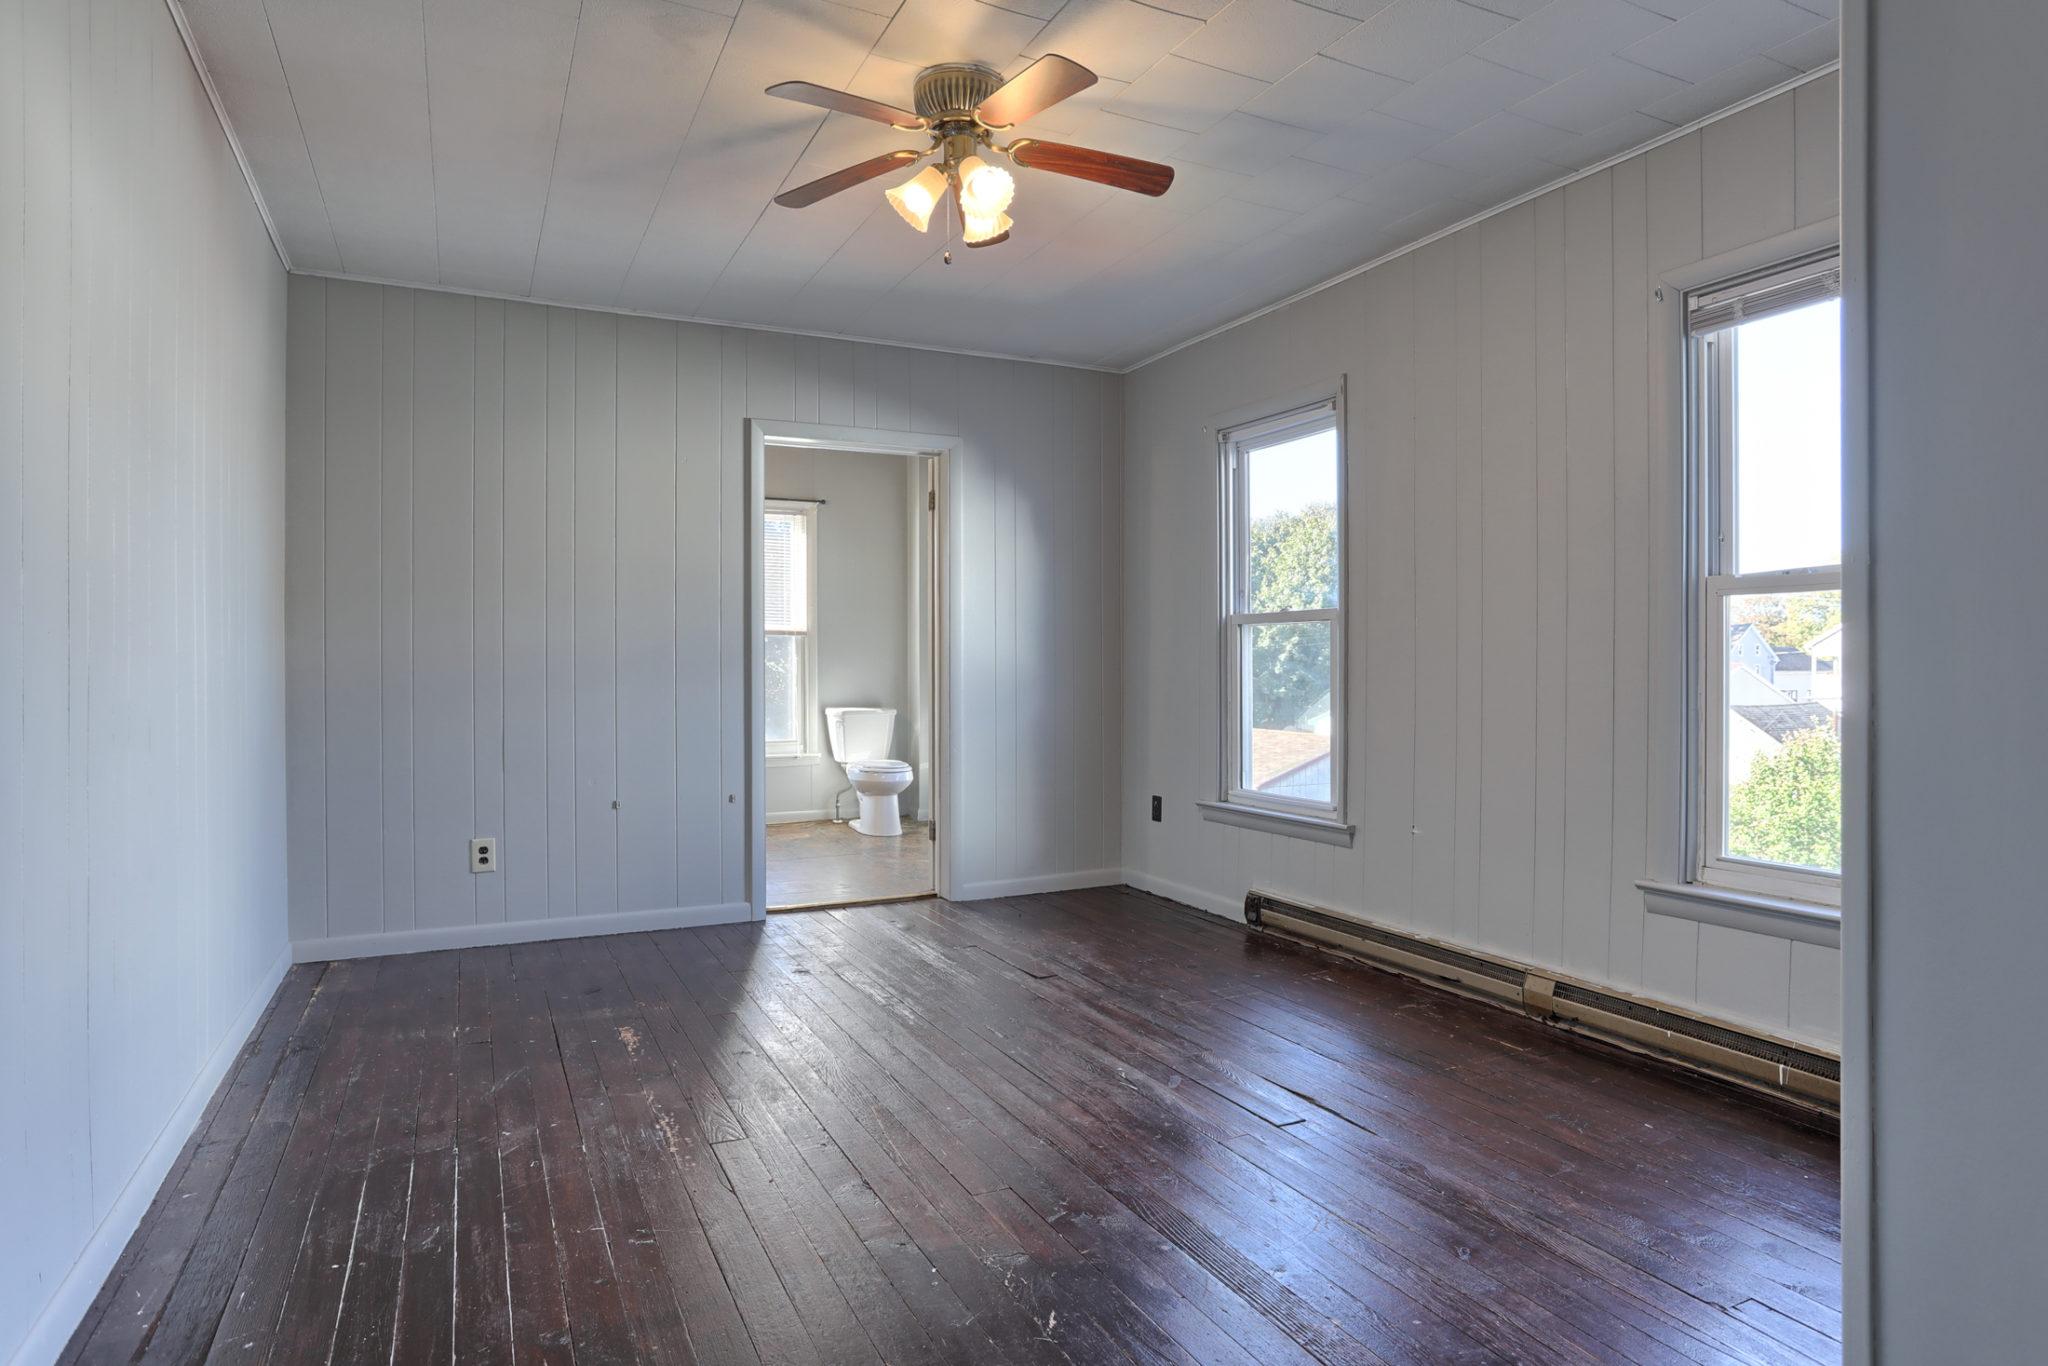 12 E. Maple Avenue - Bedroom 1